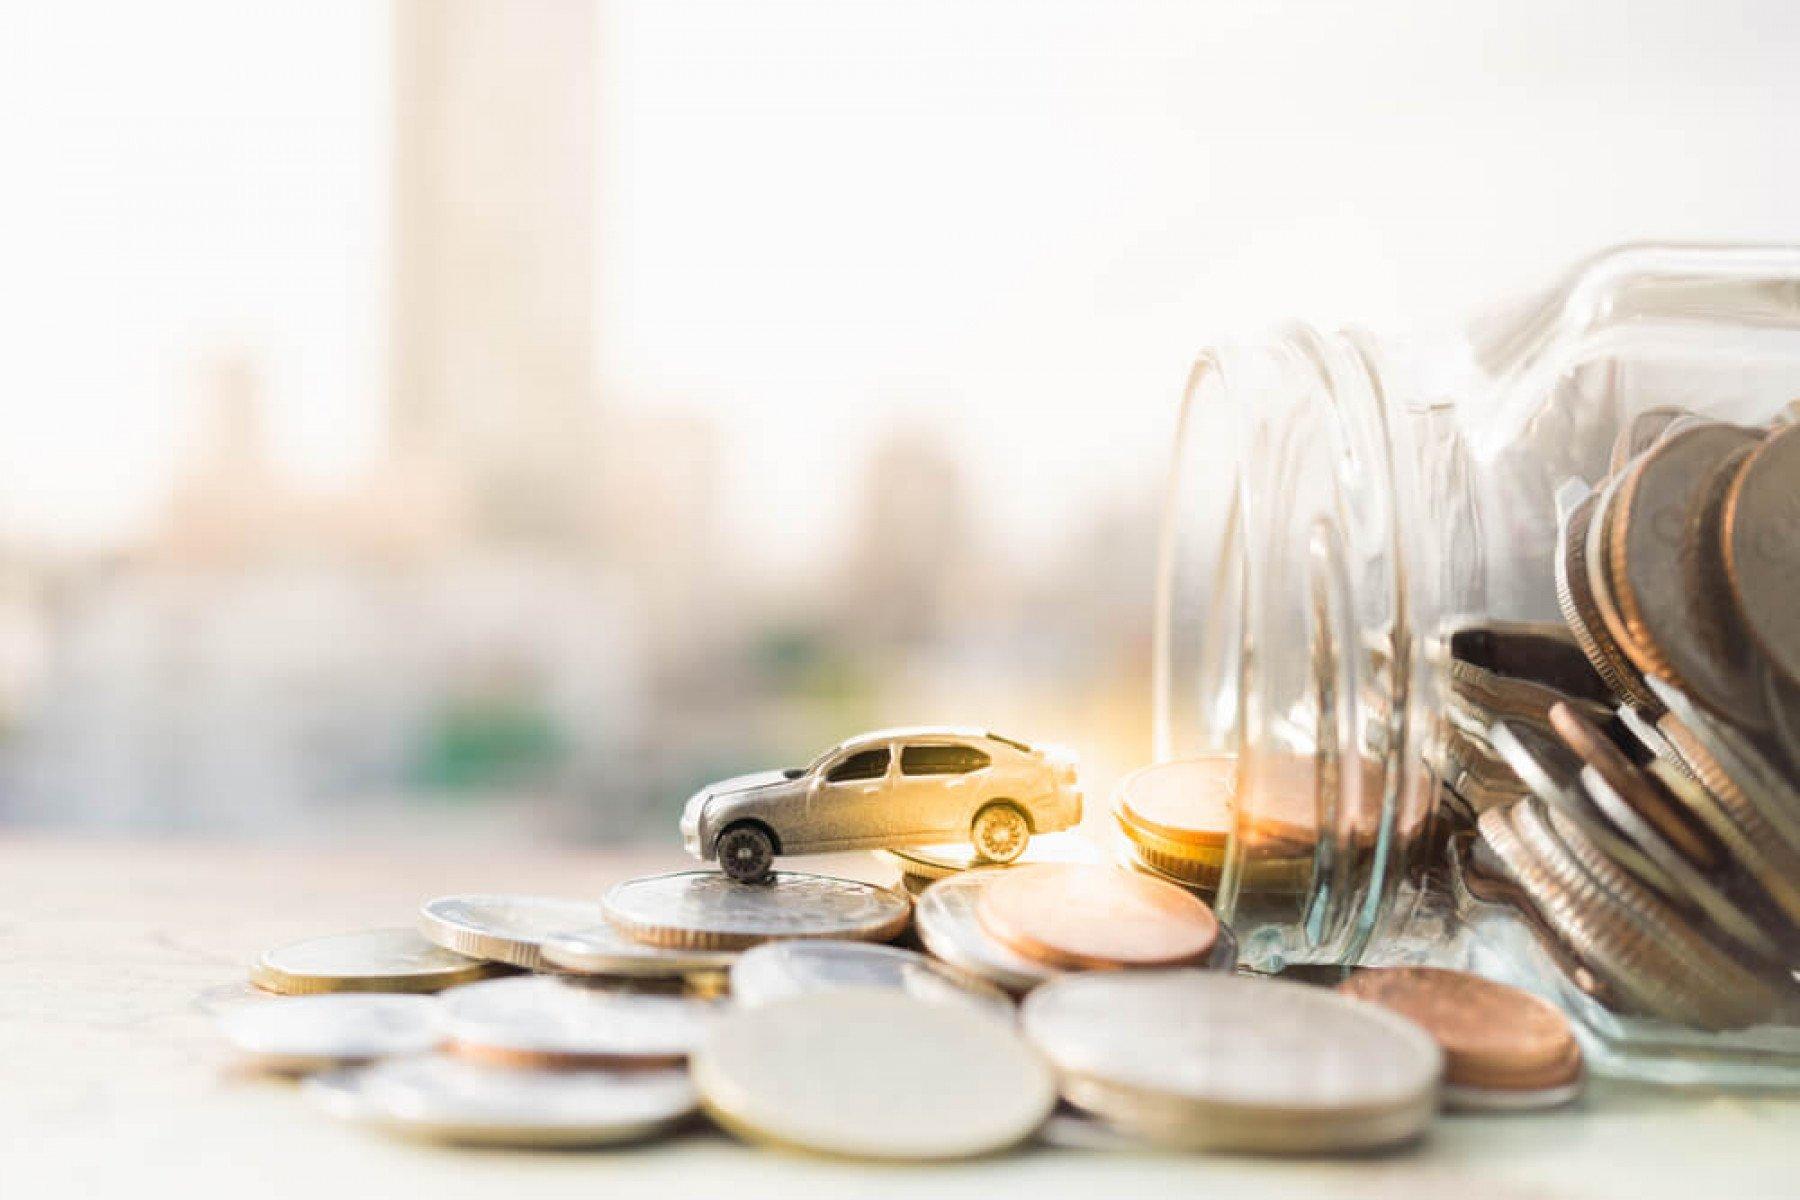 En glasburk ligger på ett bord med mynt ligger uthällda på ett bord. Ut ur glasburken kommer en leksaksbil